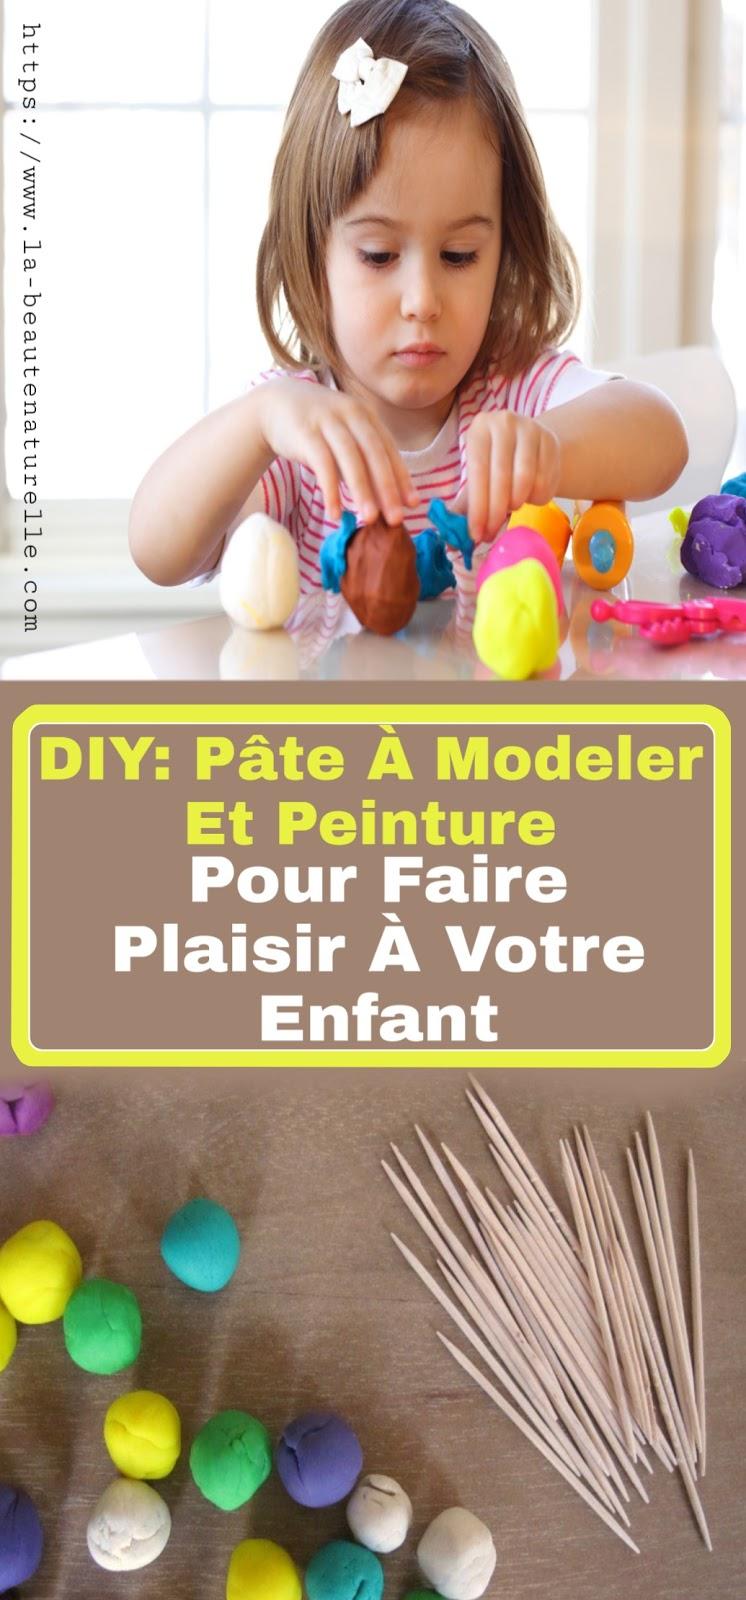 DIY: Pâte À Modeler Et Peinture Pour Faire Plaisir À Votre Enfant